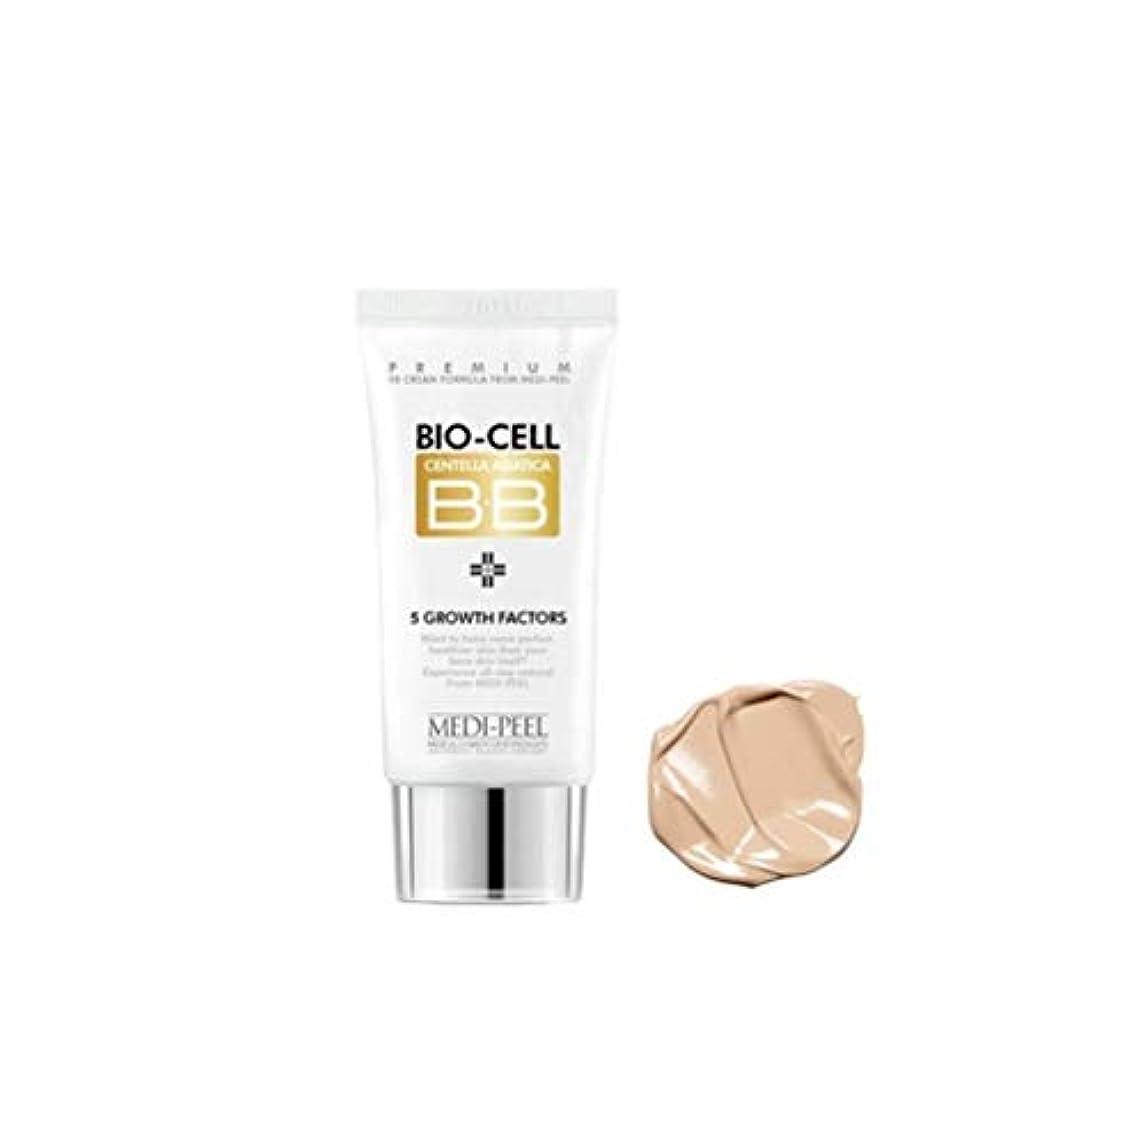 ぬれた予測囲む[Medi-Peel] メディピール バイオセル BBクリーム 50ml. [美.白?シワ.改善2重機能性化粧品] Medi-Peel Bio-cell BB Cream 50ml.